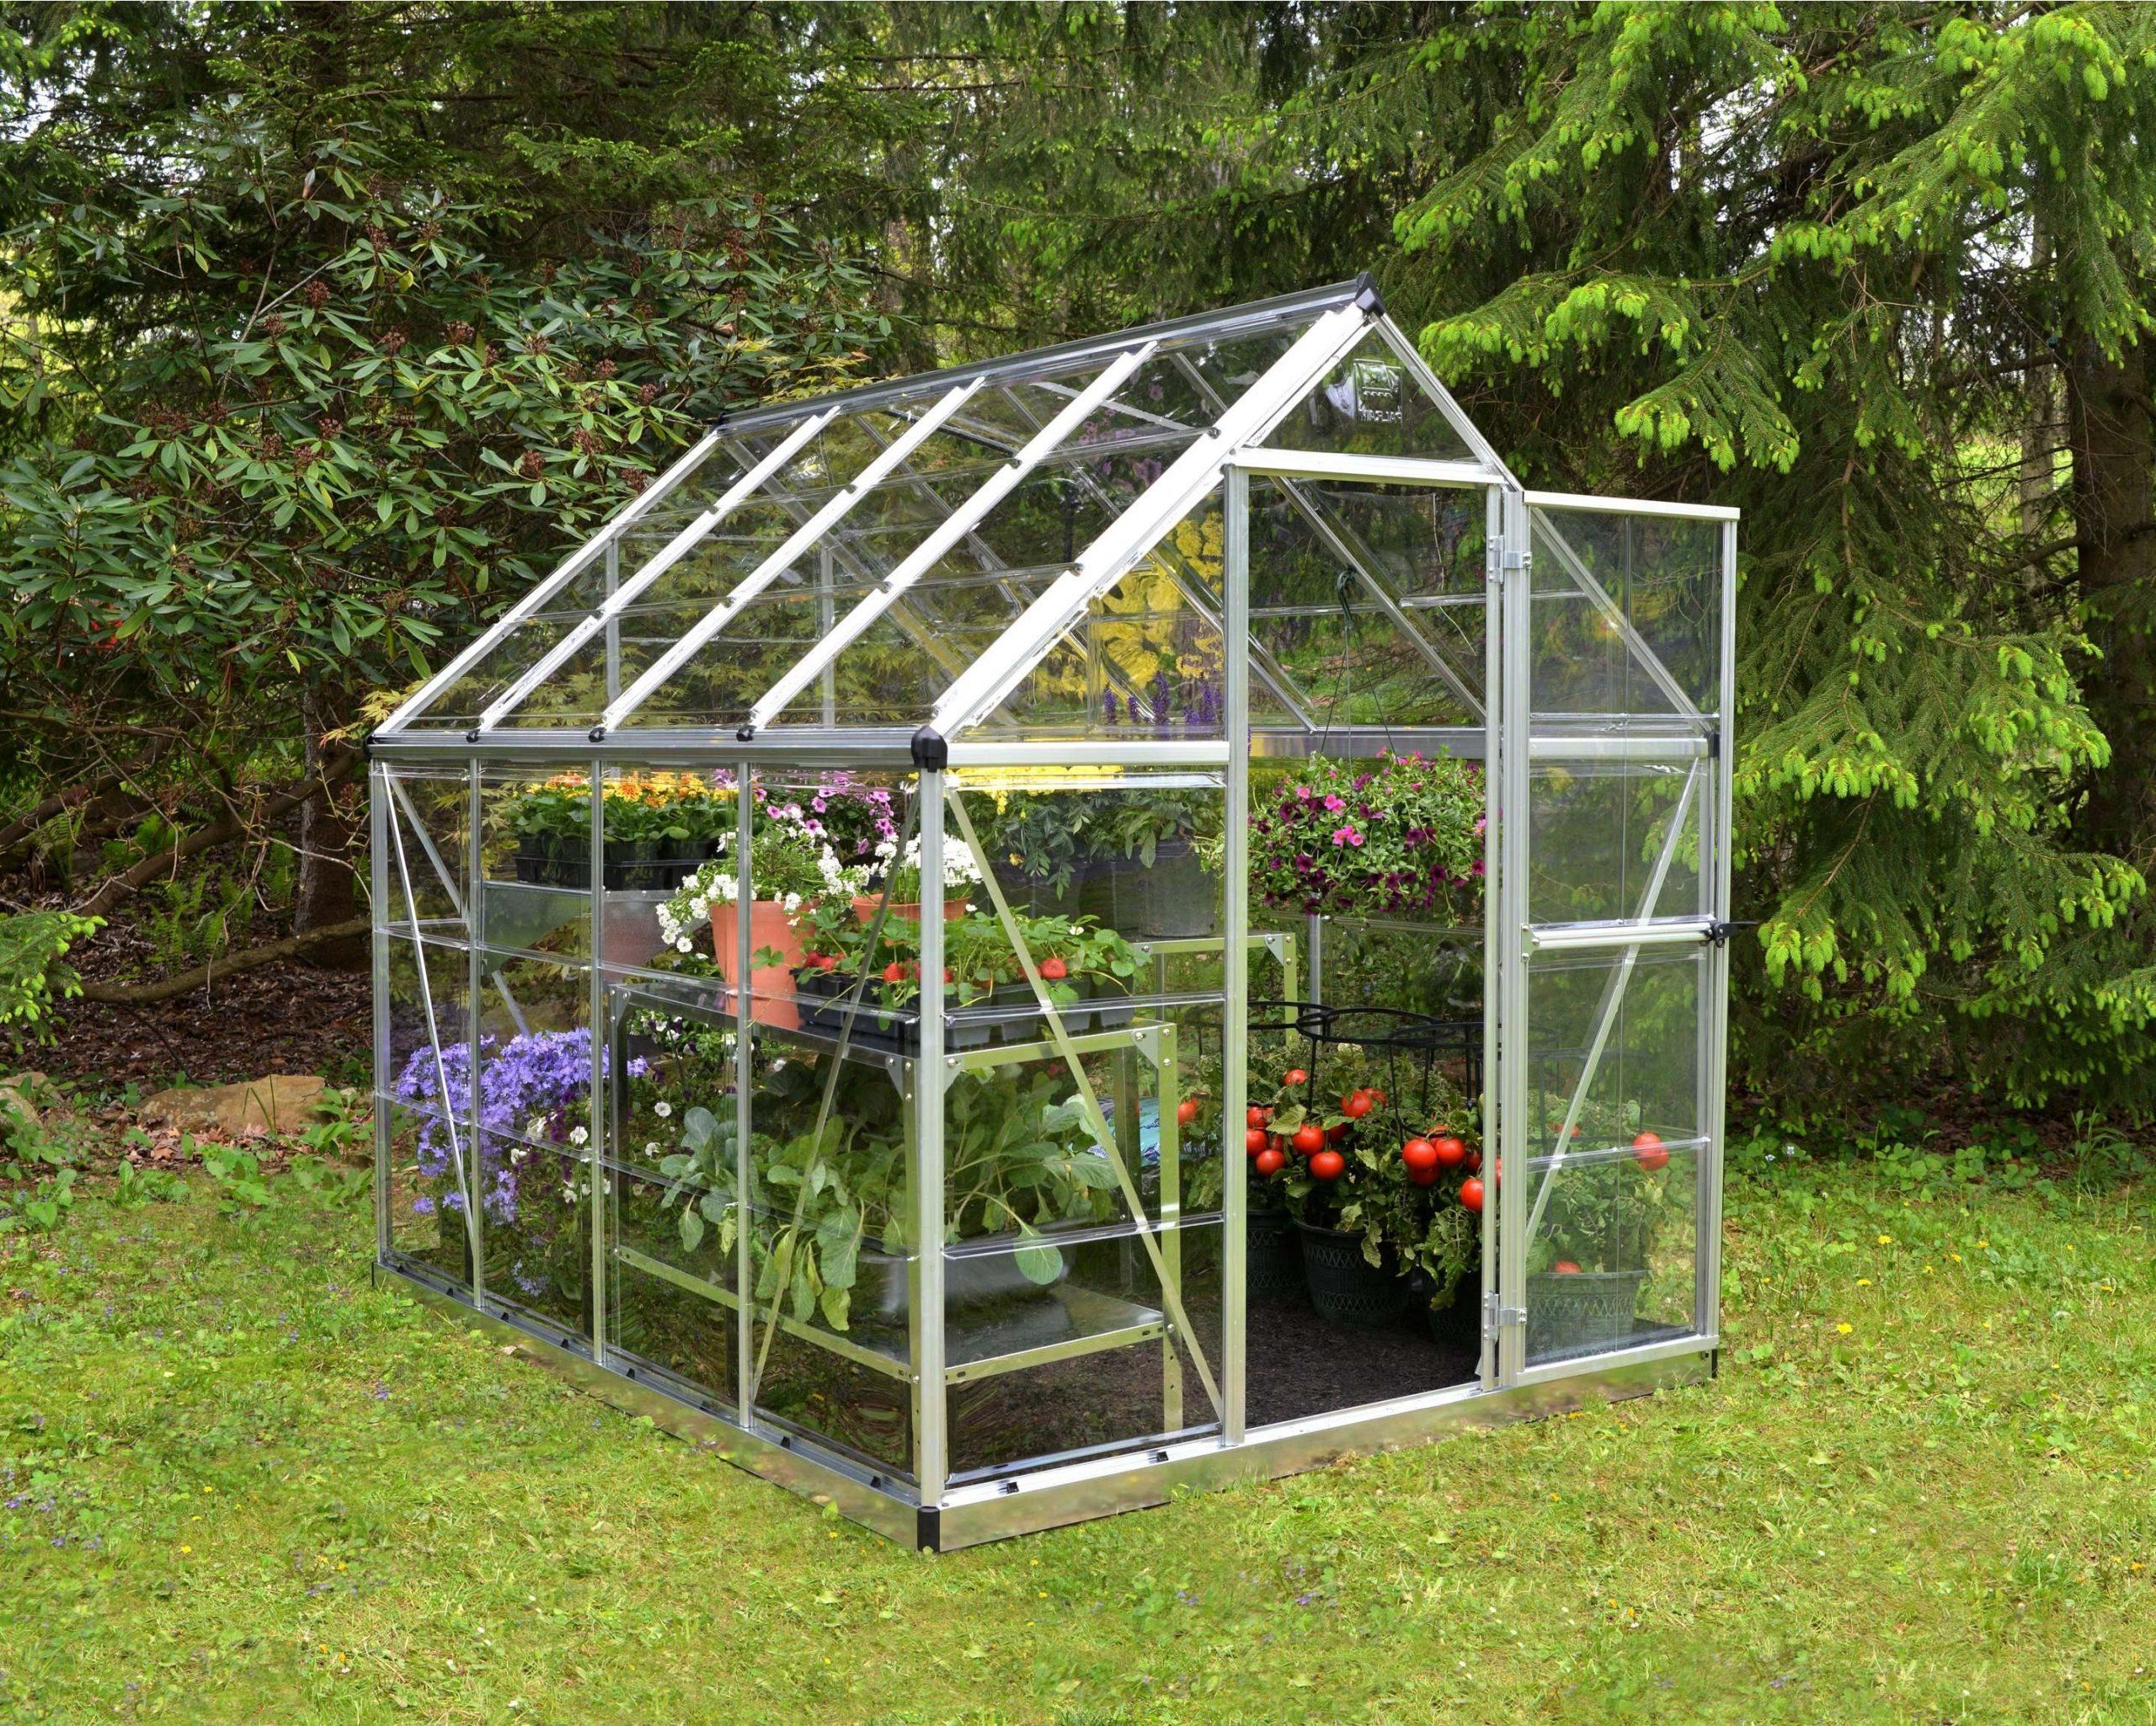 Serre De Jardin Argent Harmony 4.5 M², Aluminium Et ... serapportantà Leroy Merlin Serre De Jardin